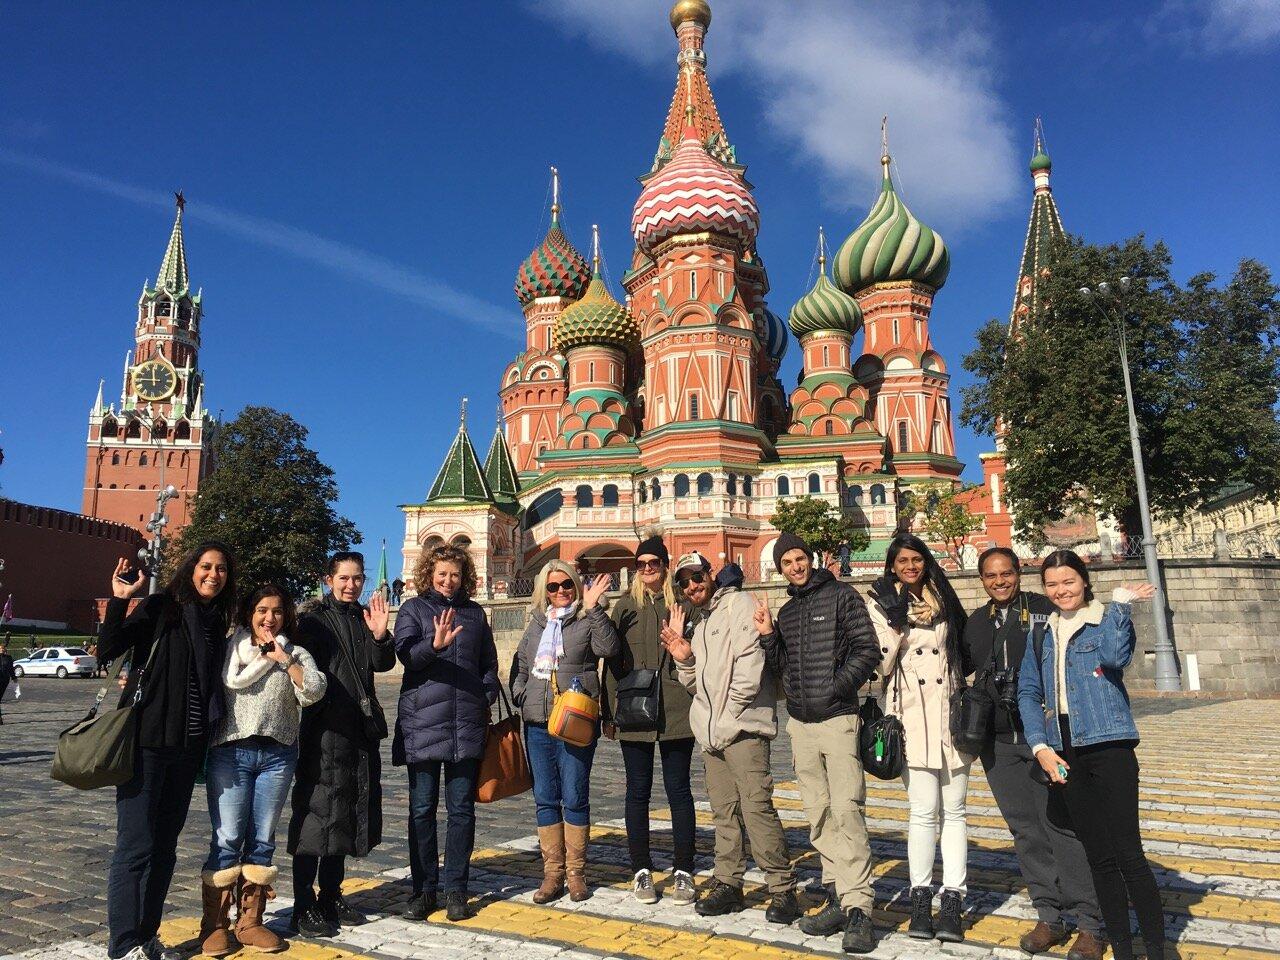 оттого, что экскурсии по россии переводят страницу